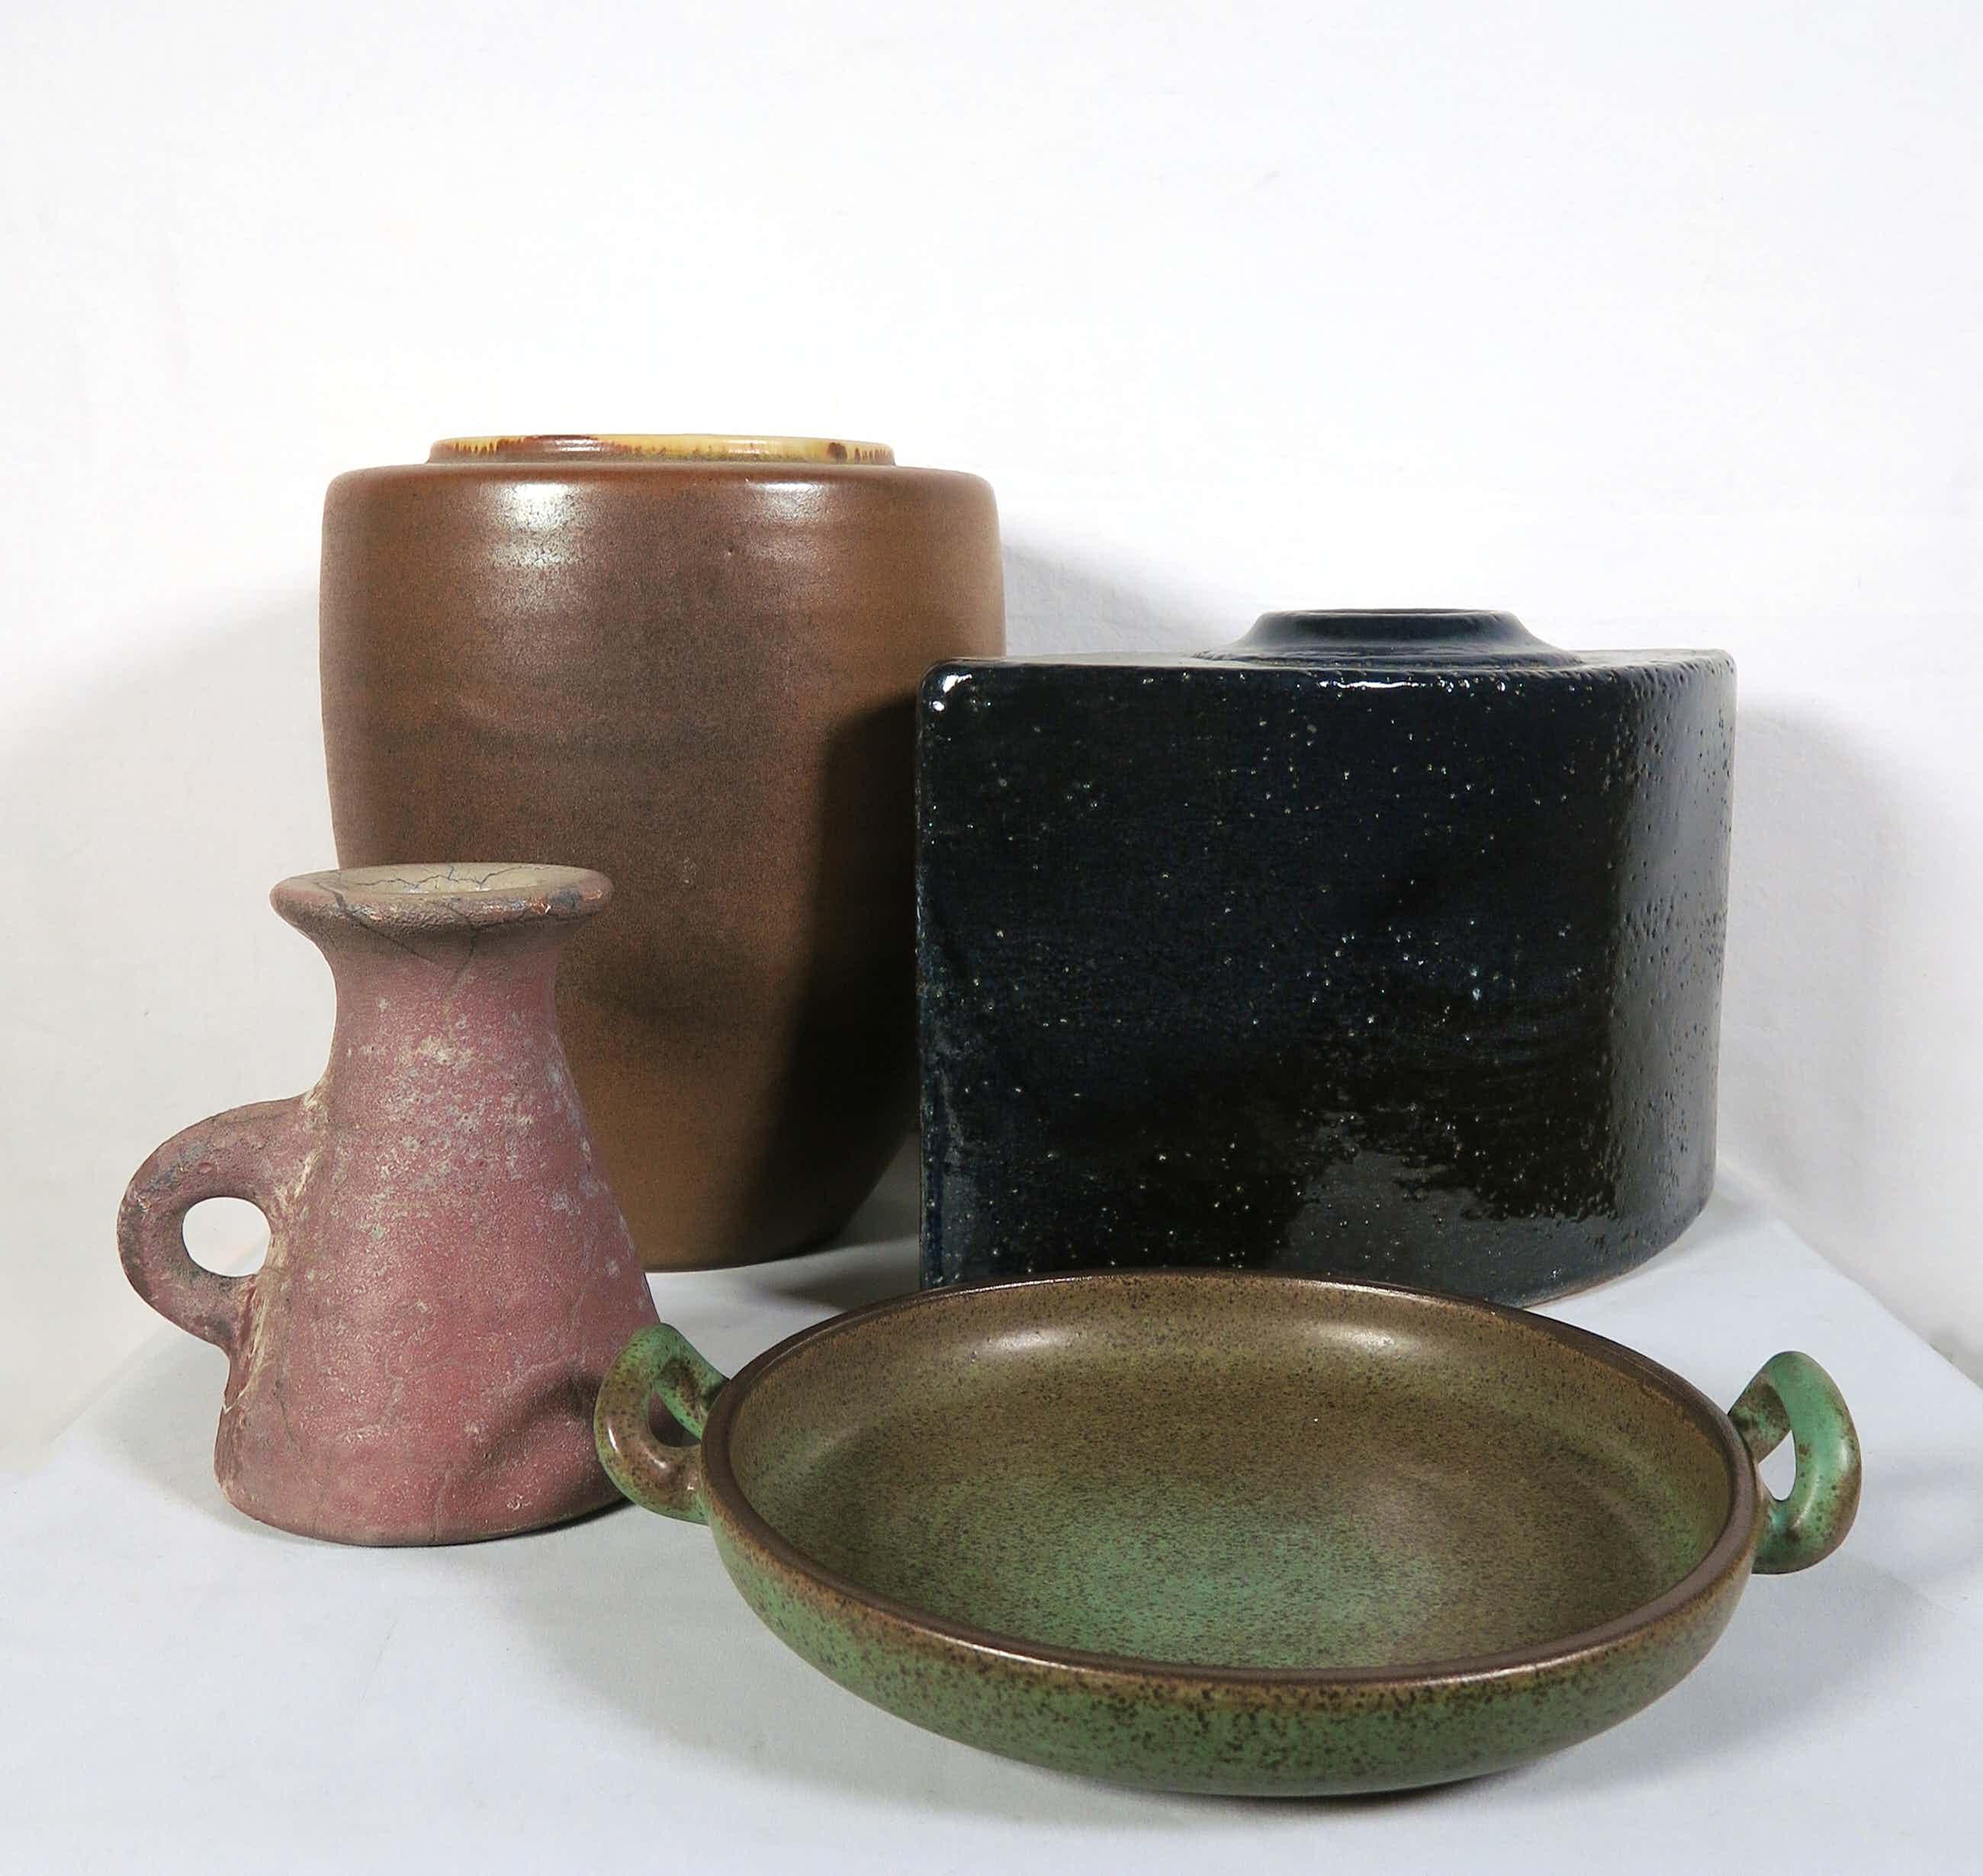 Potterij Zaalberg - & Mobach Keramiek - Lot van vier keramieken objecten kopen? Bied vanaf 50!